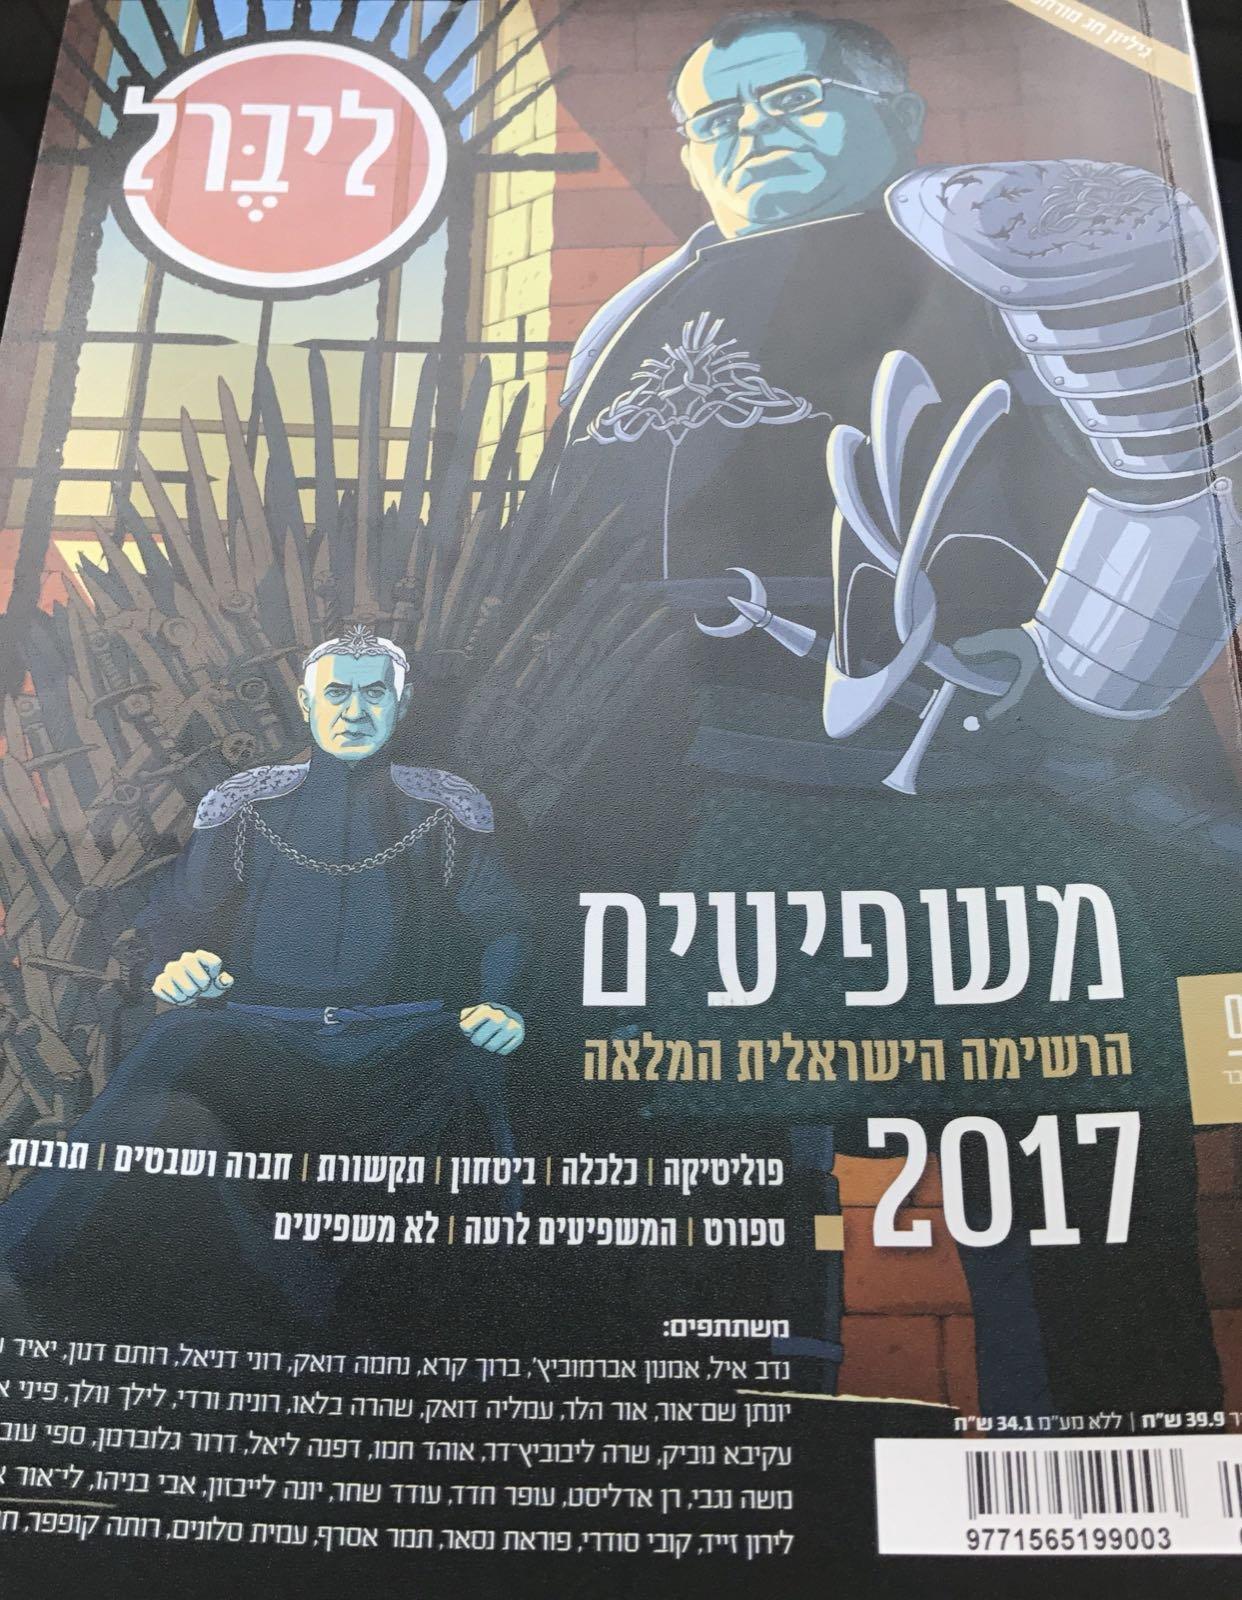 مجلة ليبرال : أحمد الطيبي ومازن غنايم ضمن قائمة الـ 100 شخصية المؤثرة في اسرائيل